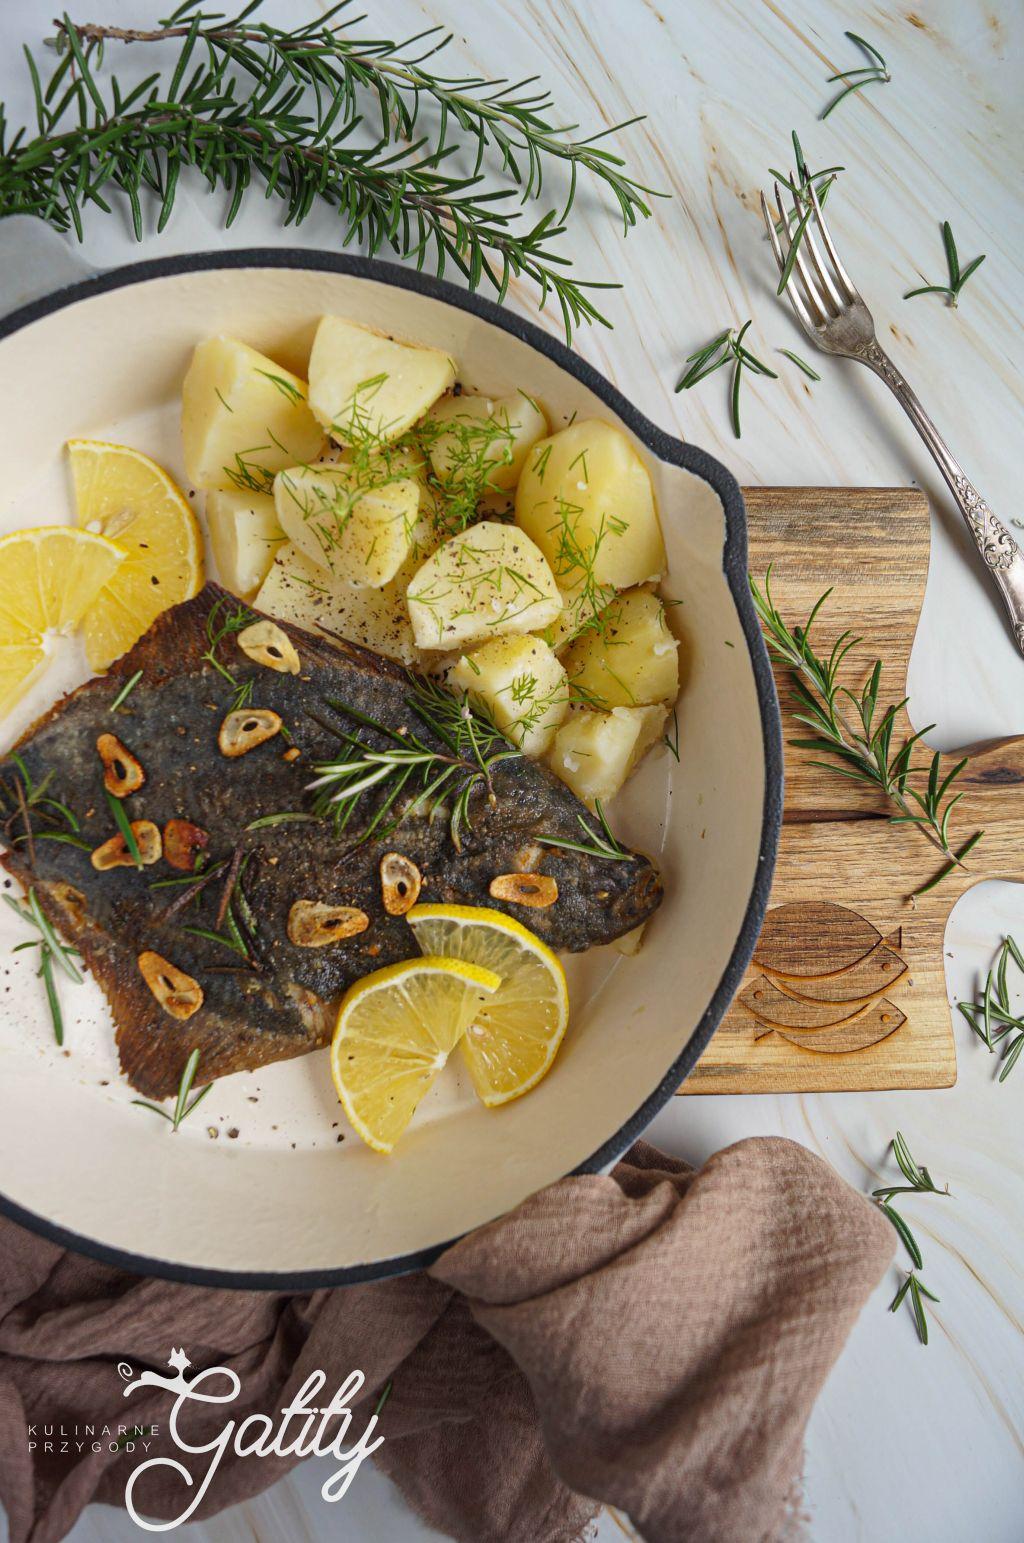 ryba-na-patelni-z-ziemniakami